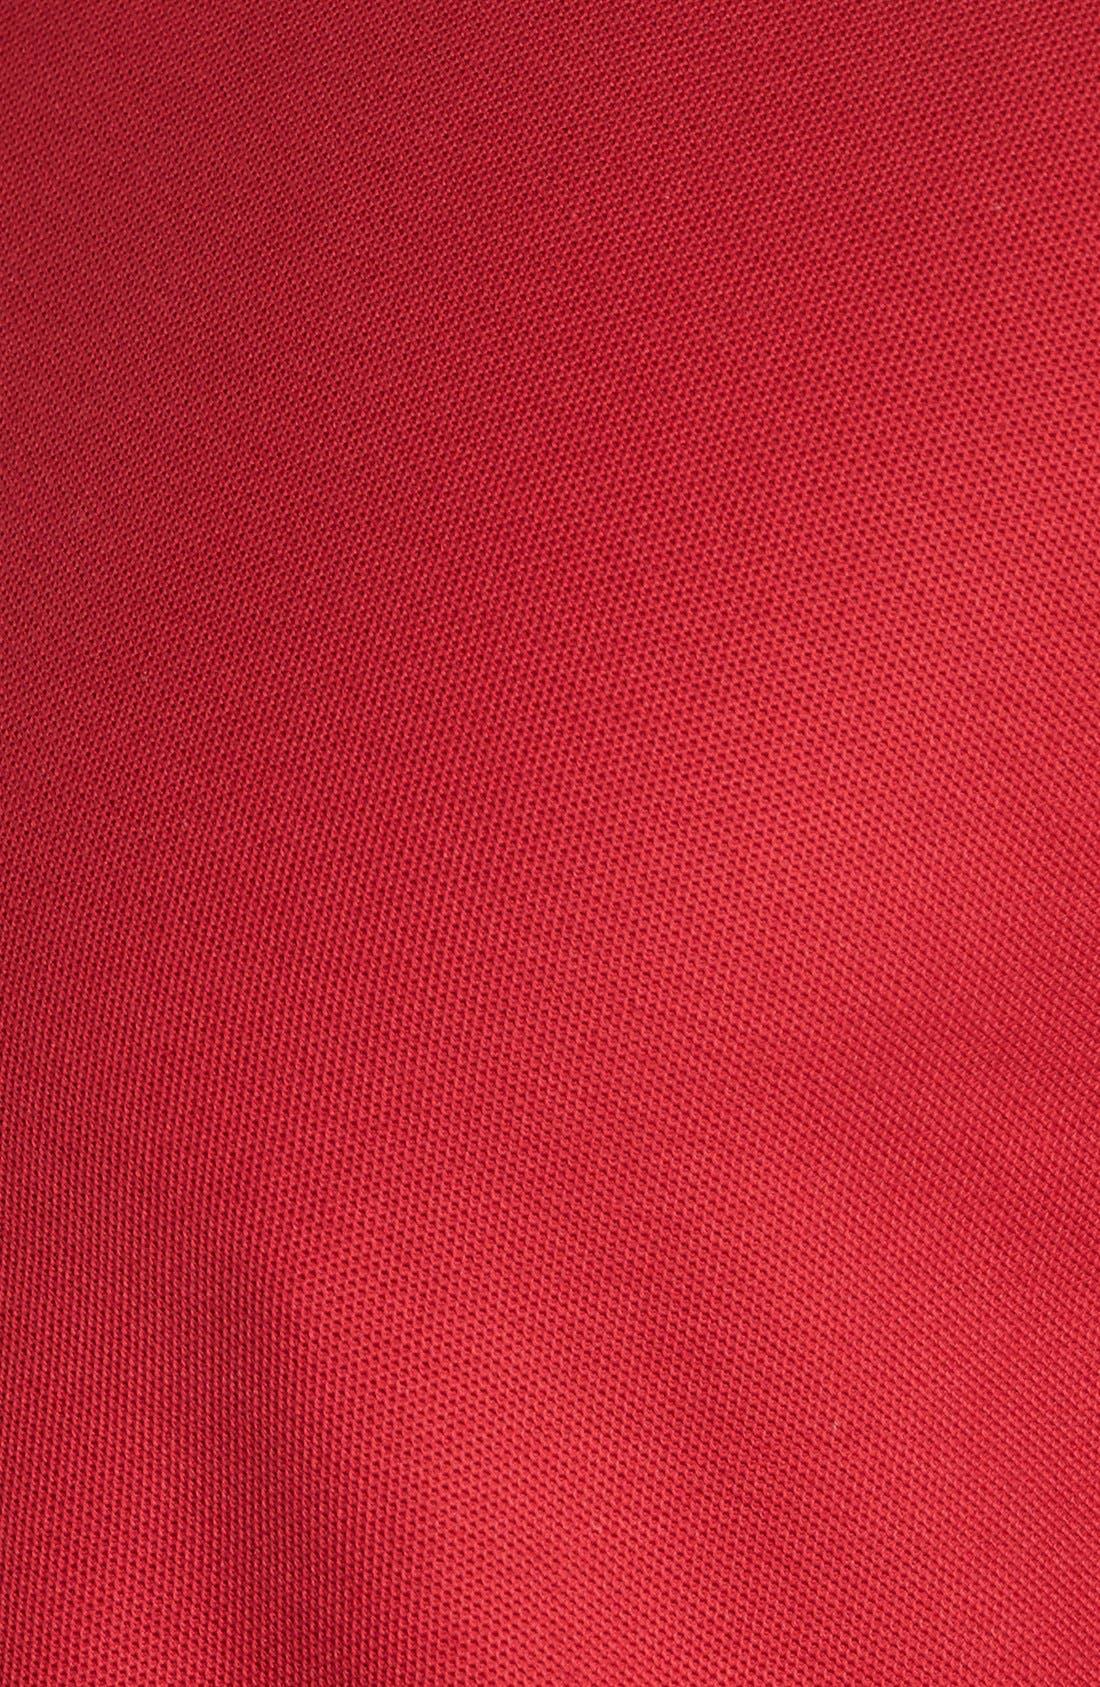 Classic Regular Fit Piqué Polo,                             Alternate thumbnail 41, color,